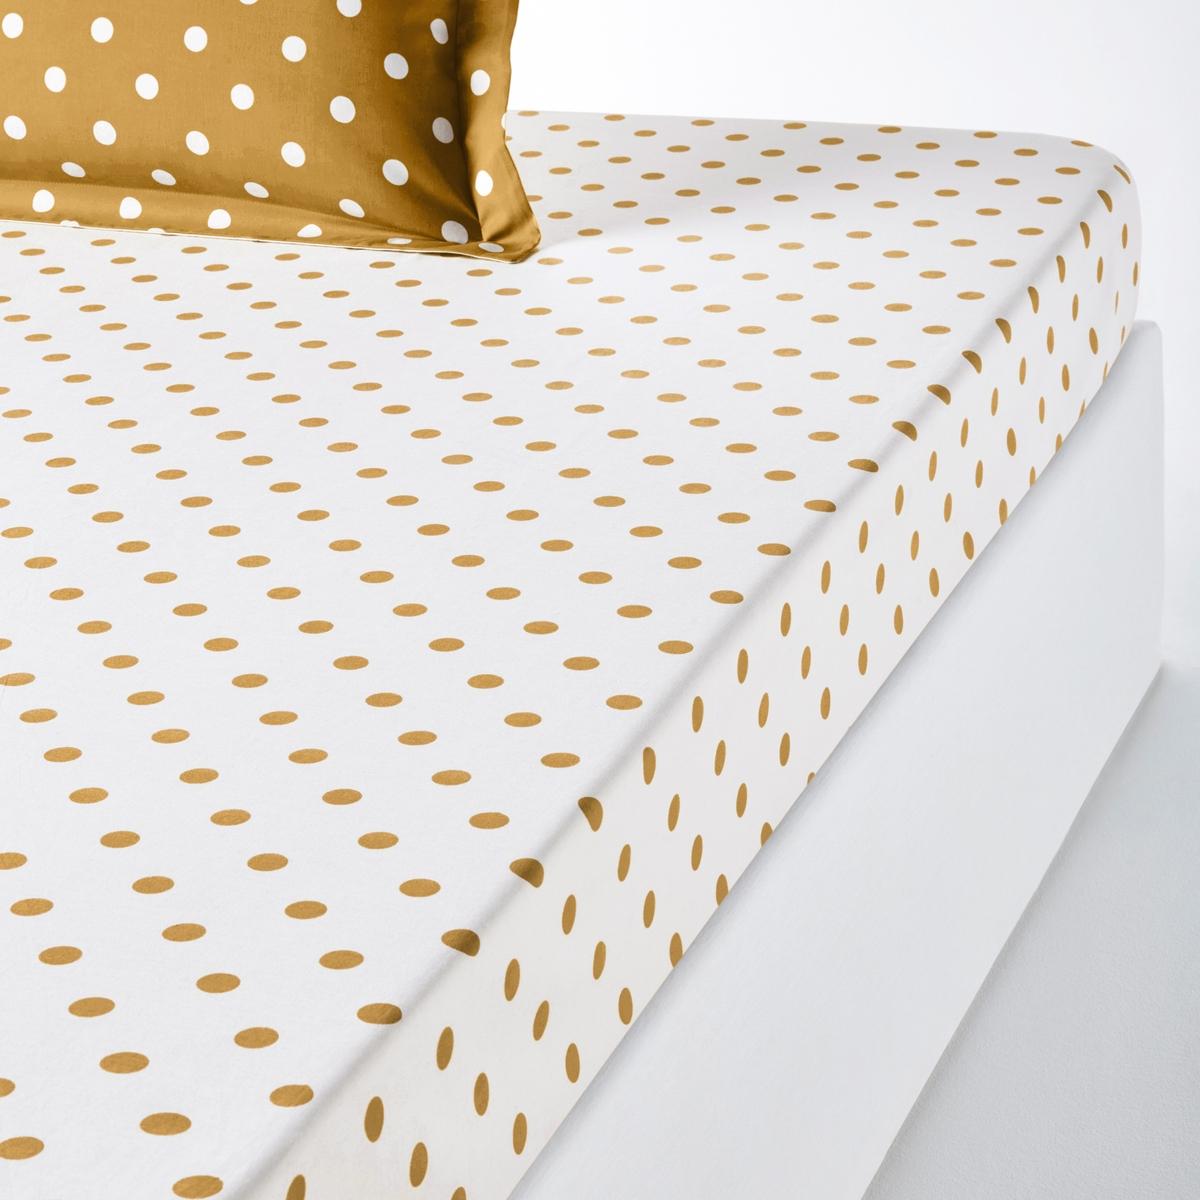 La Redoute Interieurs Lençol-capa em puro algodão estampado às bolas, Clarisse